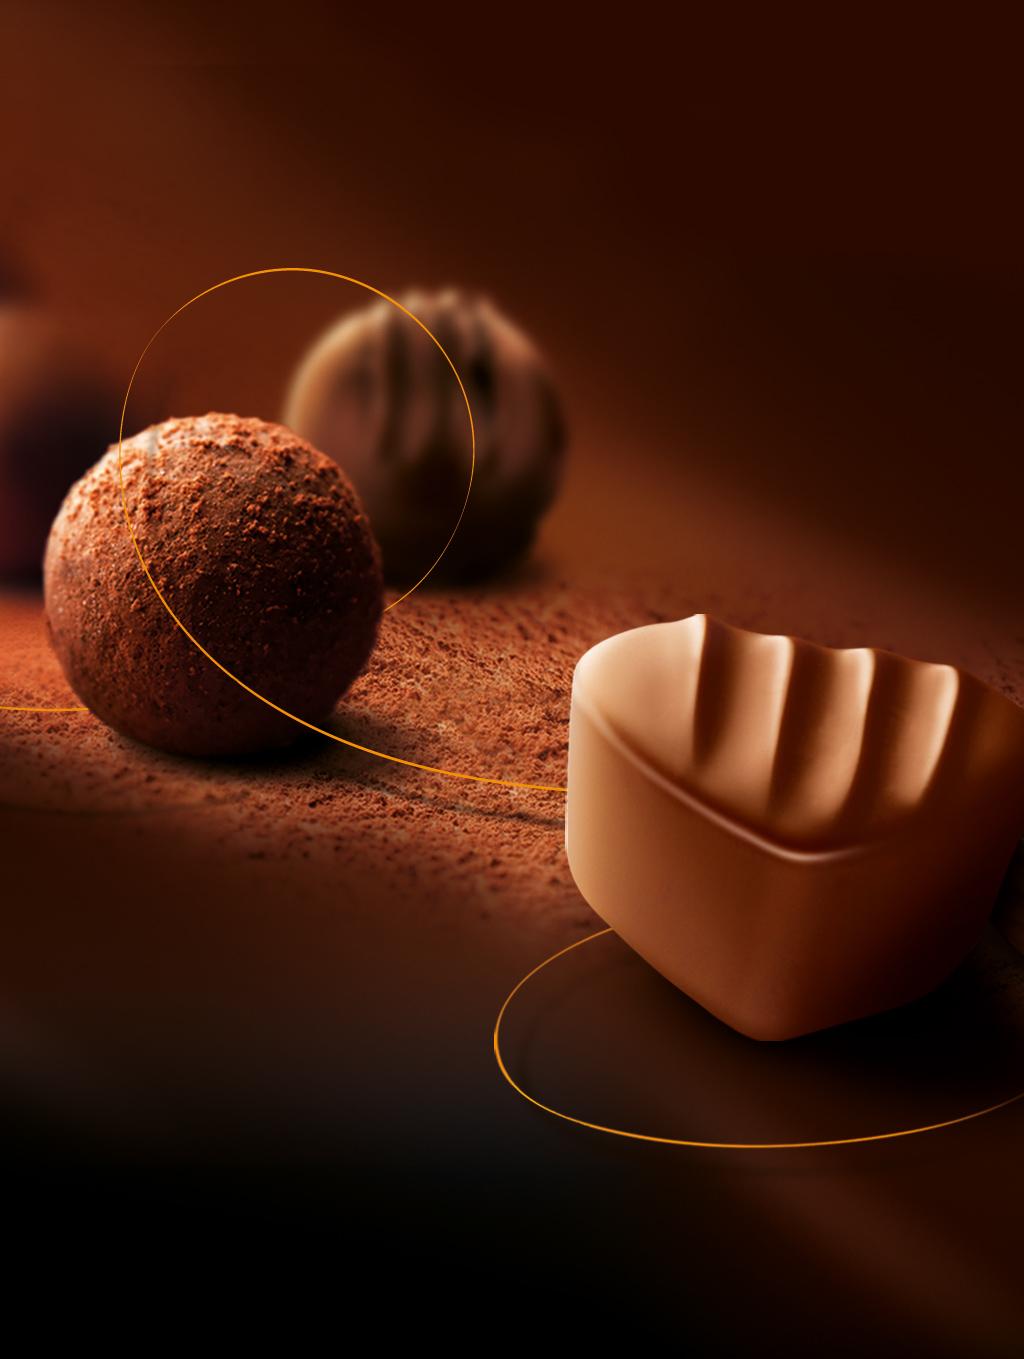 Die gute Geschenkidee: Traubenblatt aus Schokolade mit Champagner-Truffes